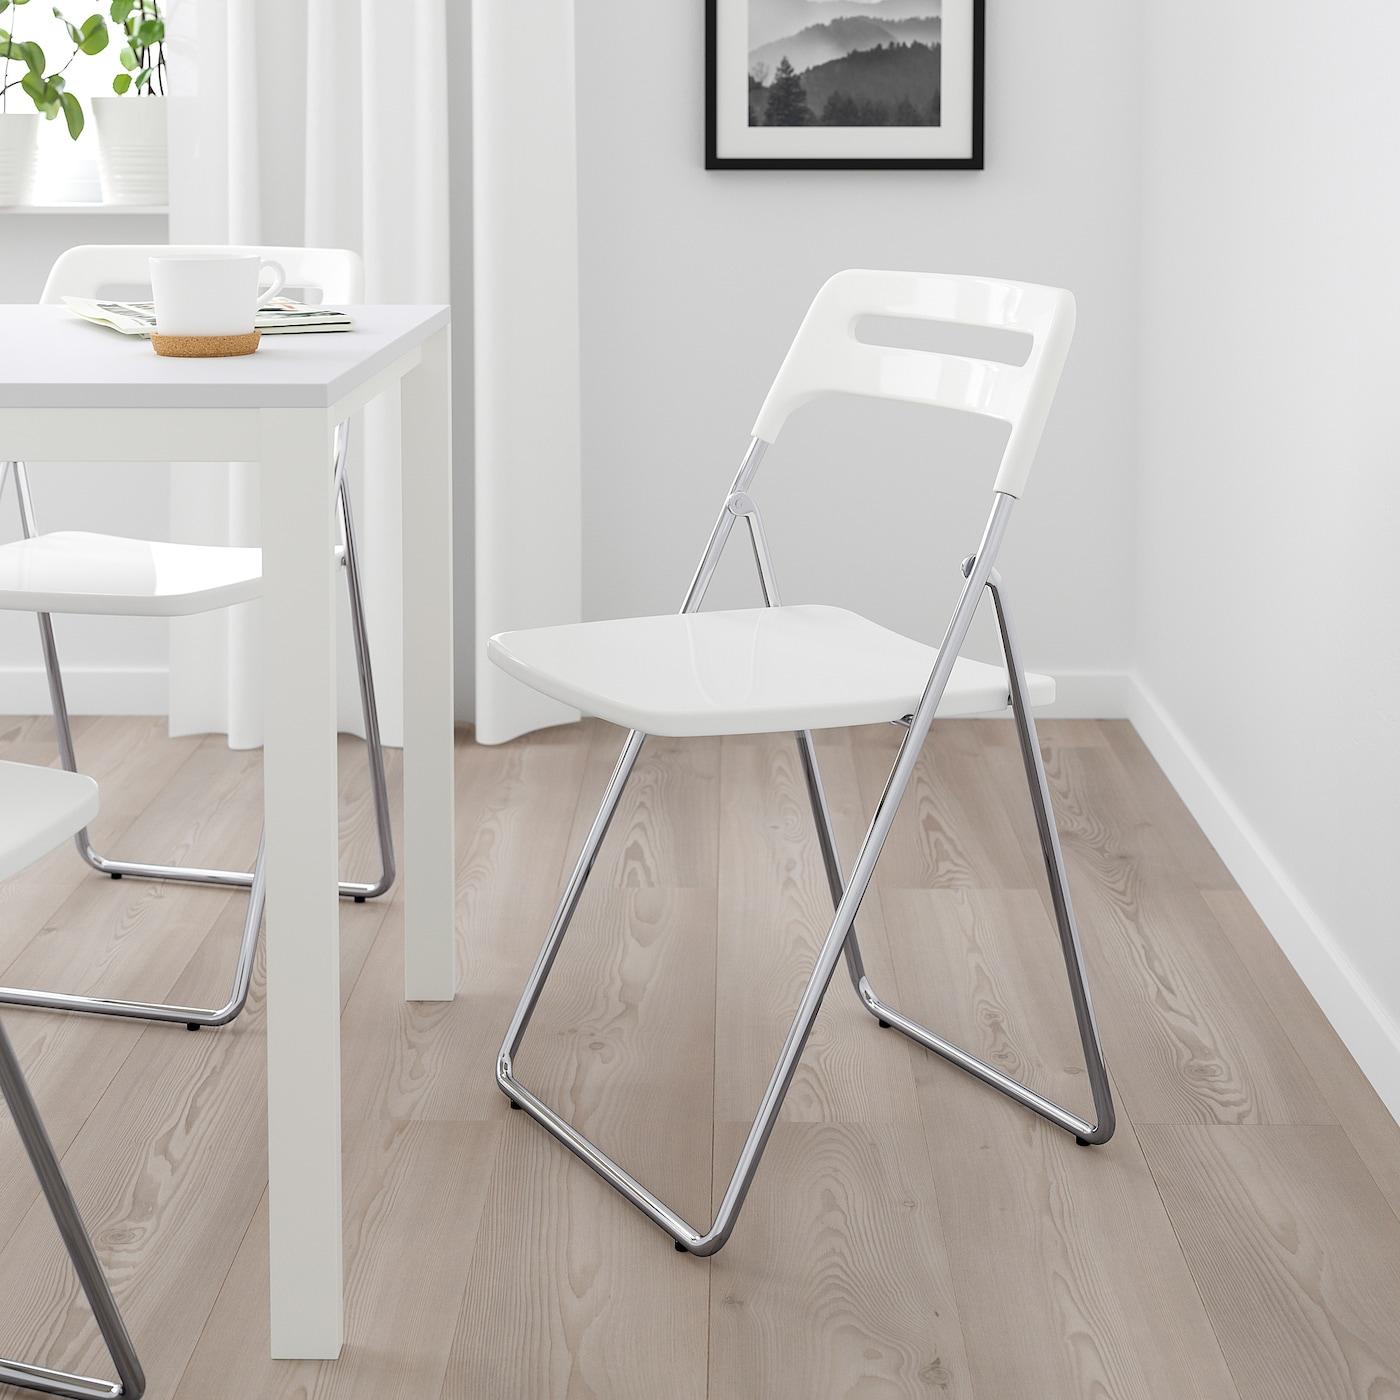 NISSE Chaise pliante brillant blancchromé